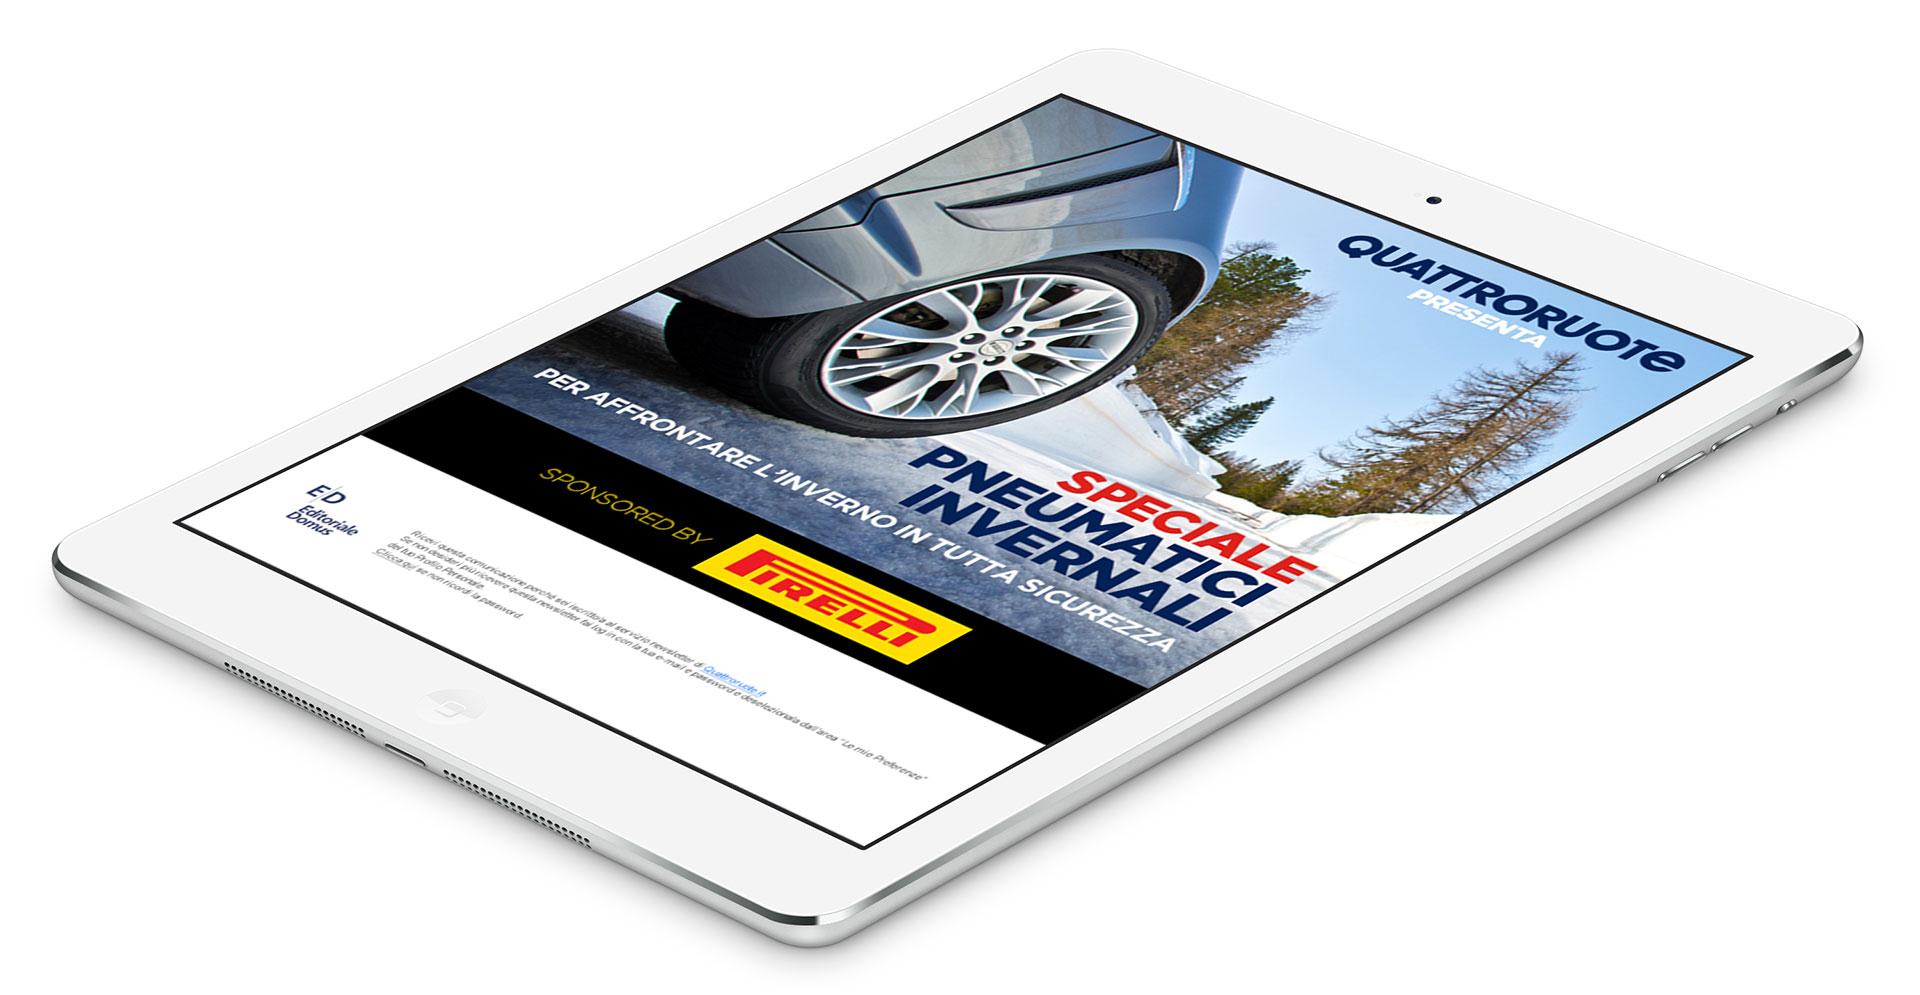 progettazione-design-newsletter-quattroruote-pirelli